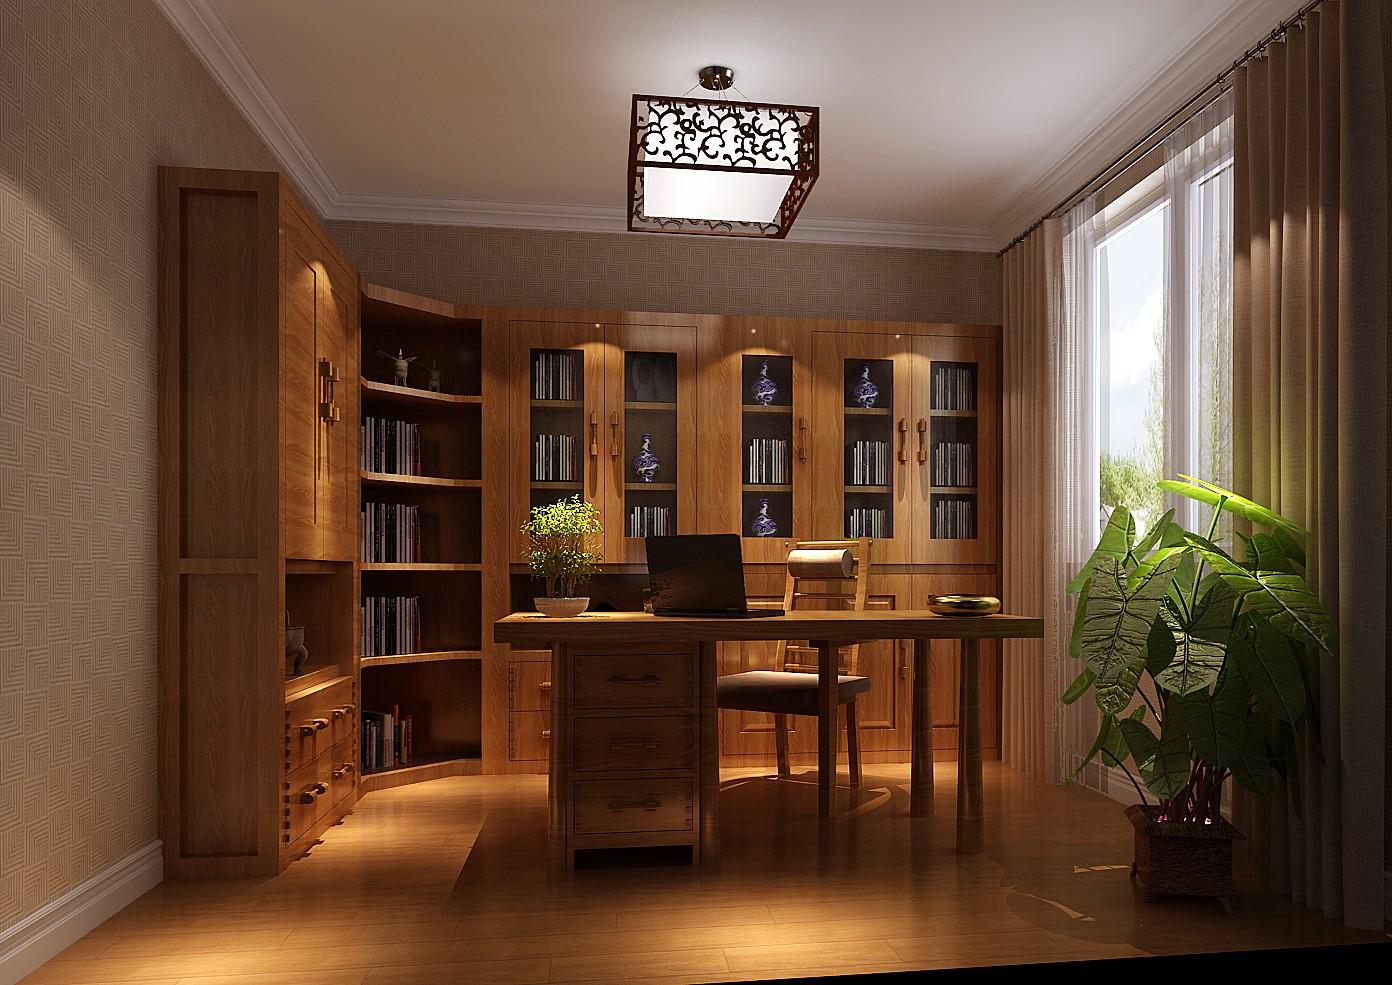 新中式 四居 白领 公寓 北京装修 高度国际 装修报价 书房图片来自高度国际装饰华华在军区大院的新中式设计的分享